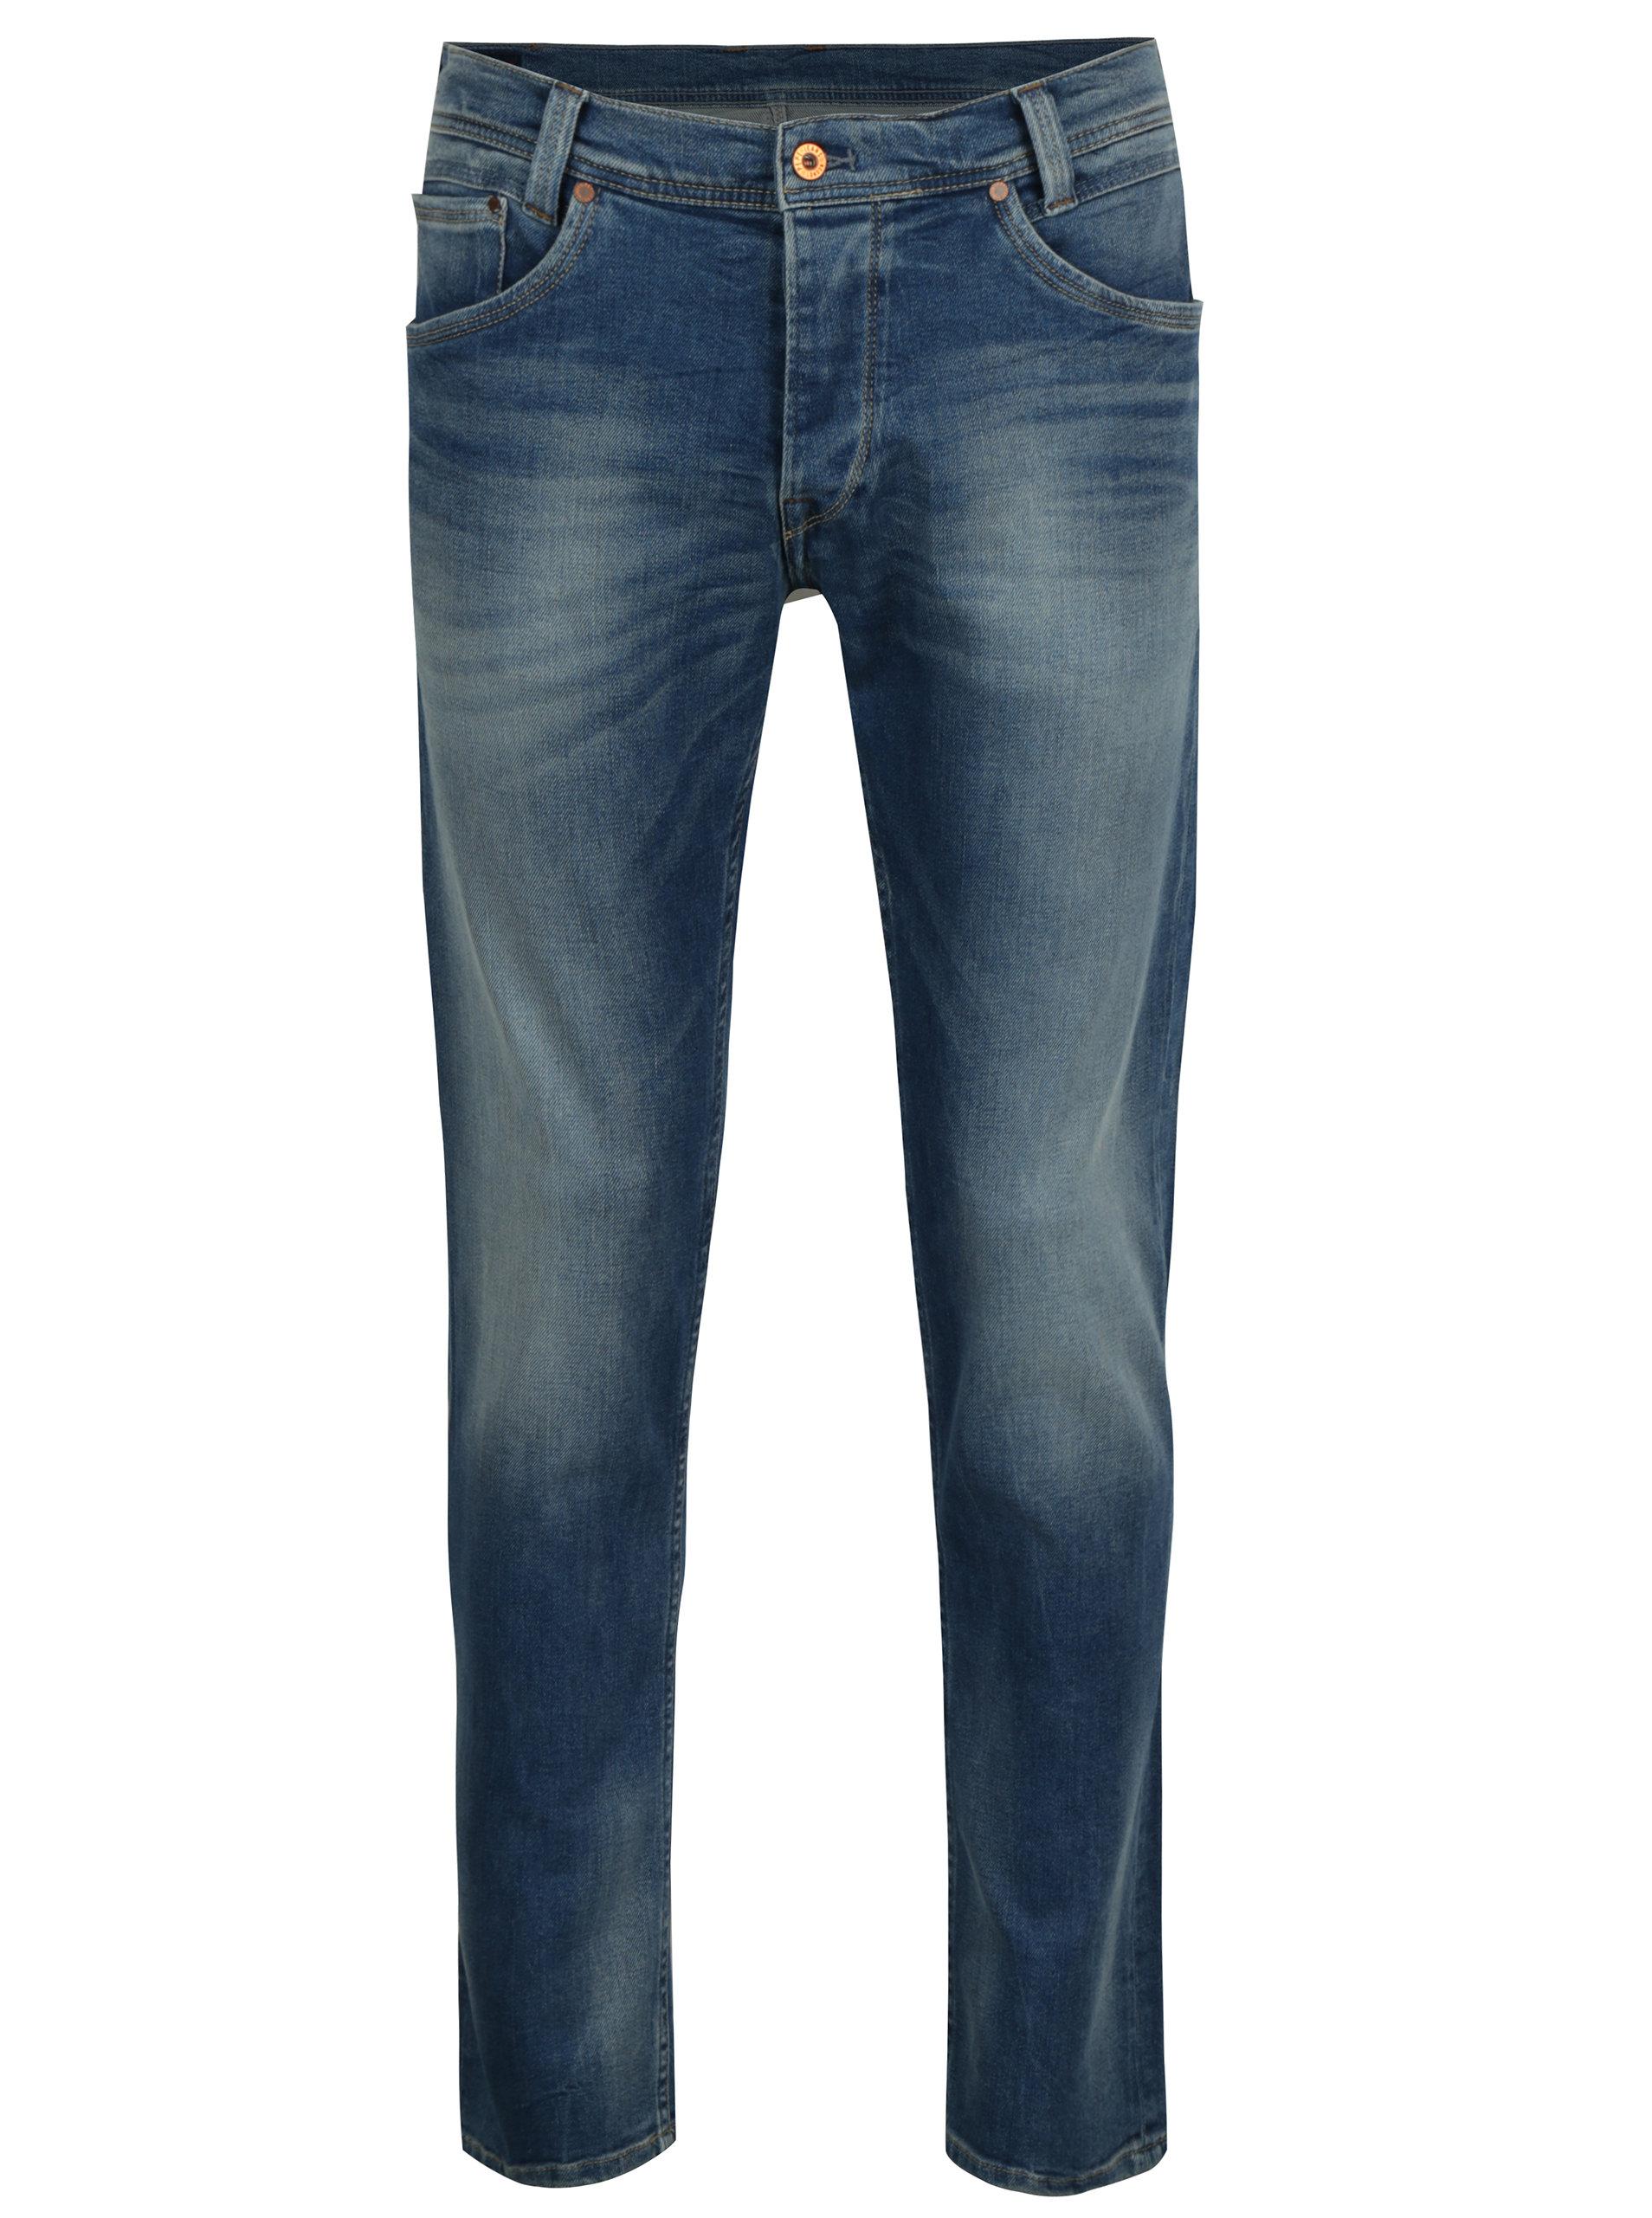 Modré pánské regular fit džíny Pepe Jeans Spike ... 06d923304d